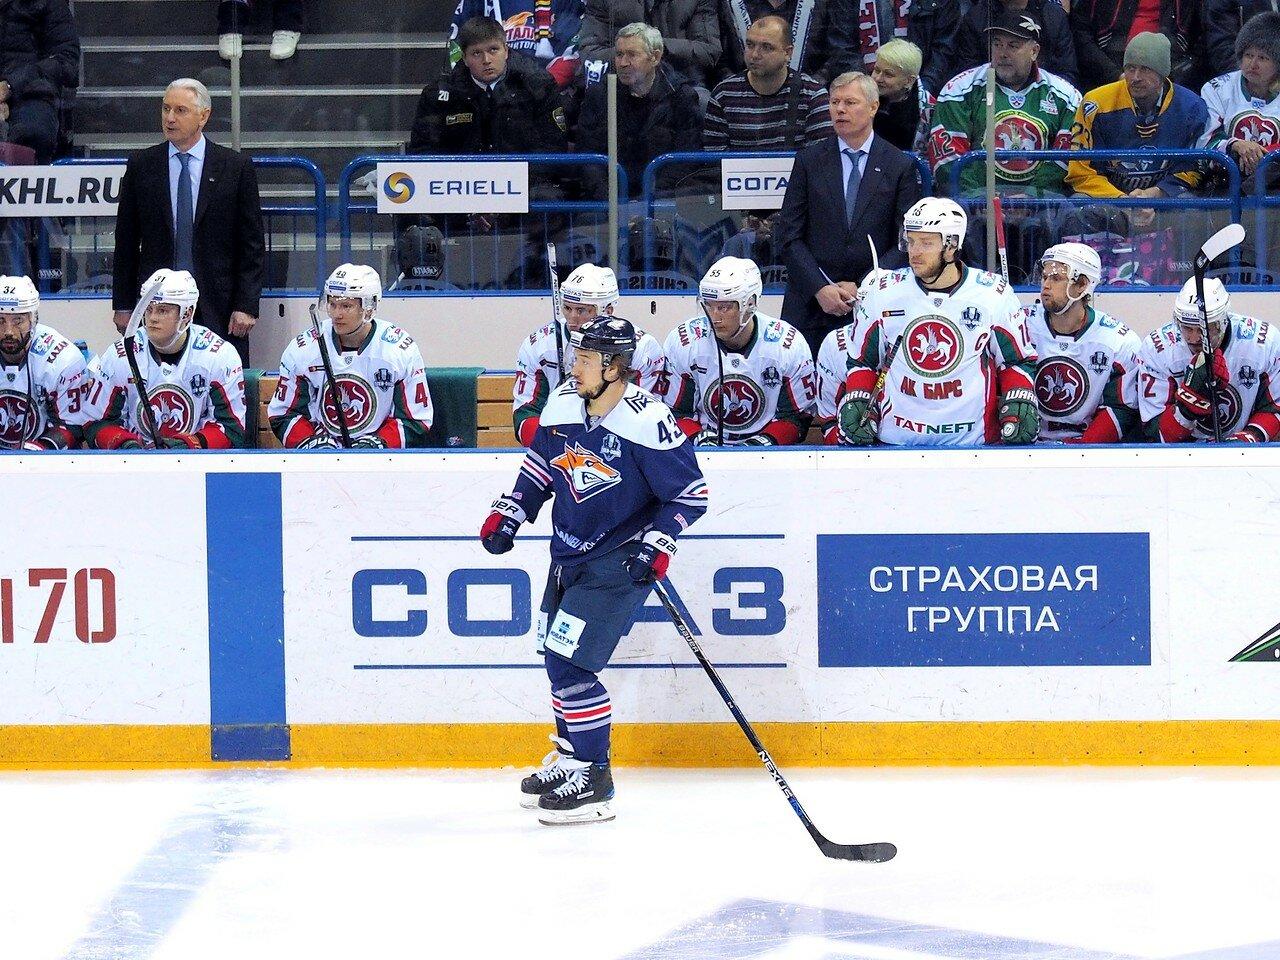 36 Первая игра финала плей-офф восточной конференции 2017 Металлург - АкБарс 24.03.2017